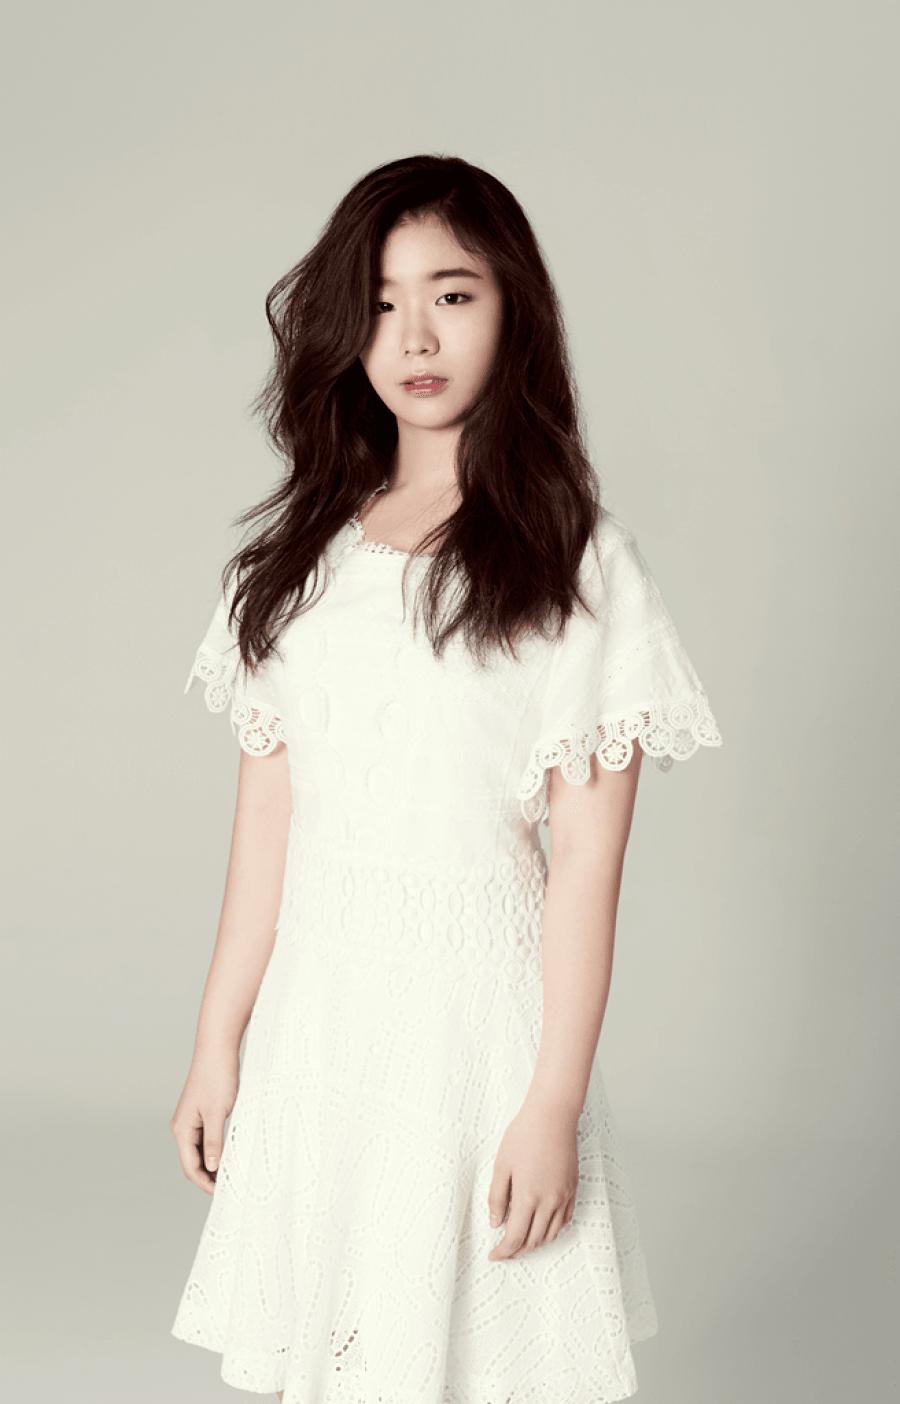 Park Yun Ha